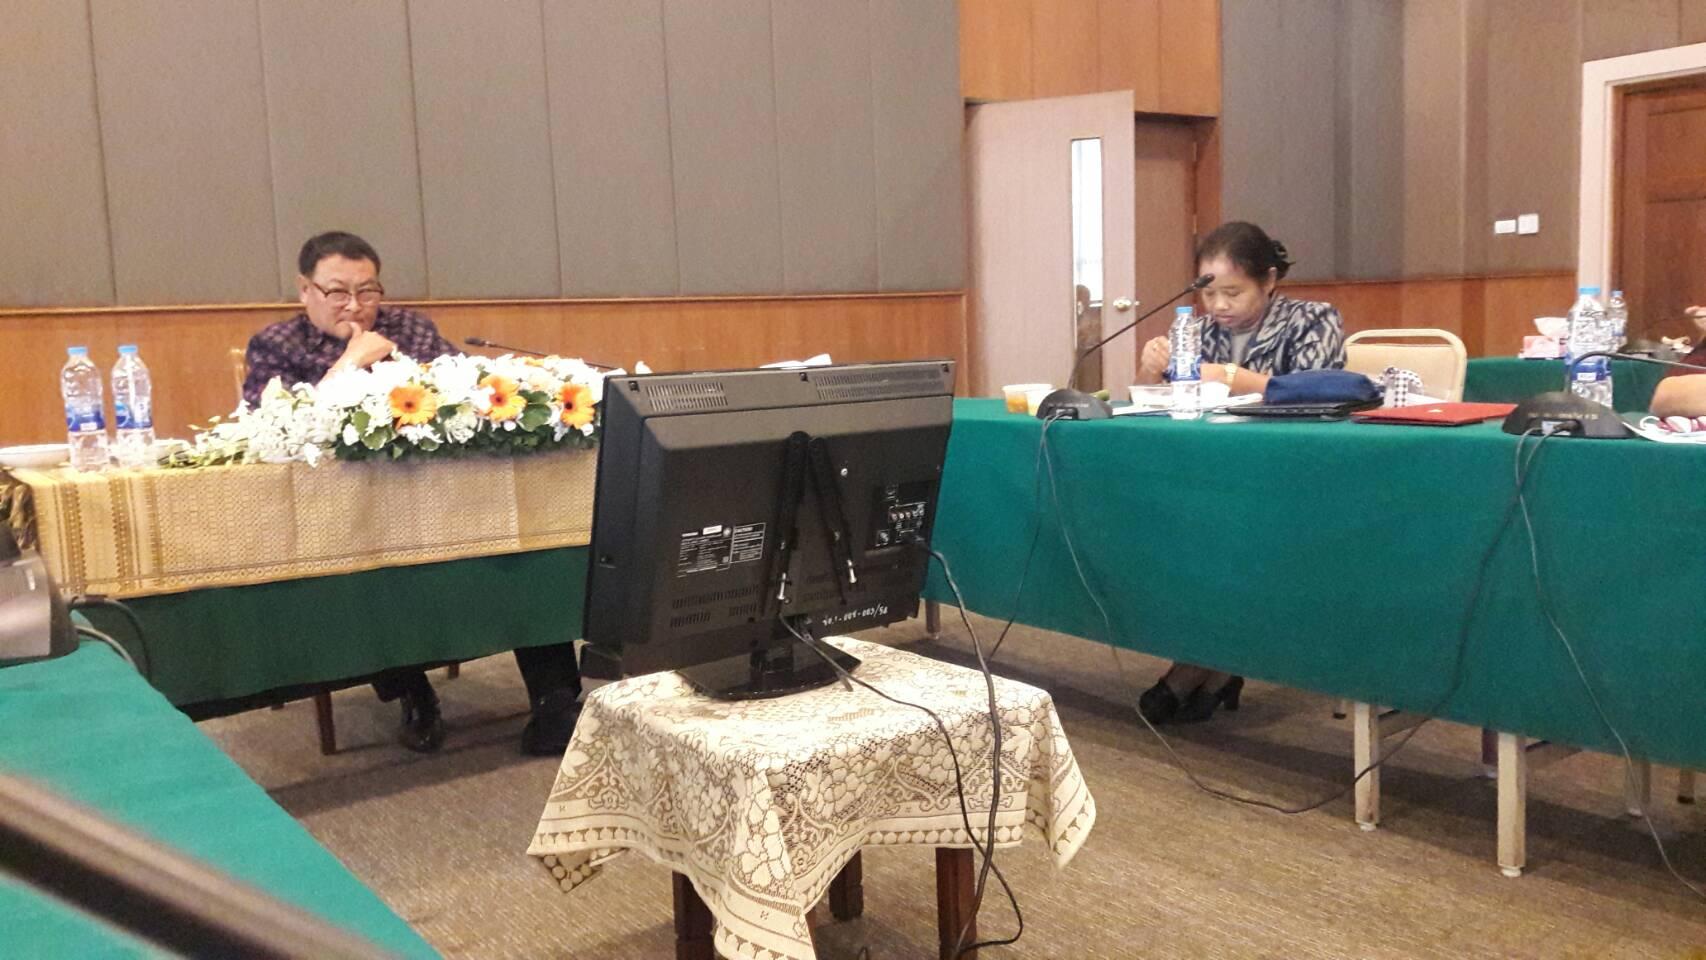 ผู้อำนวยการหอสมุดแห่งชาติรัชมังคลาภิเษก เชียงใหม่ เข้าร่วมโครงการประชุมวิชาการหอสมุดแห่งชาติ ประจำปี ๒๕๖๓